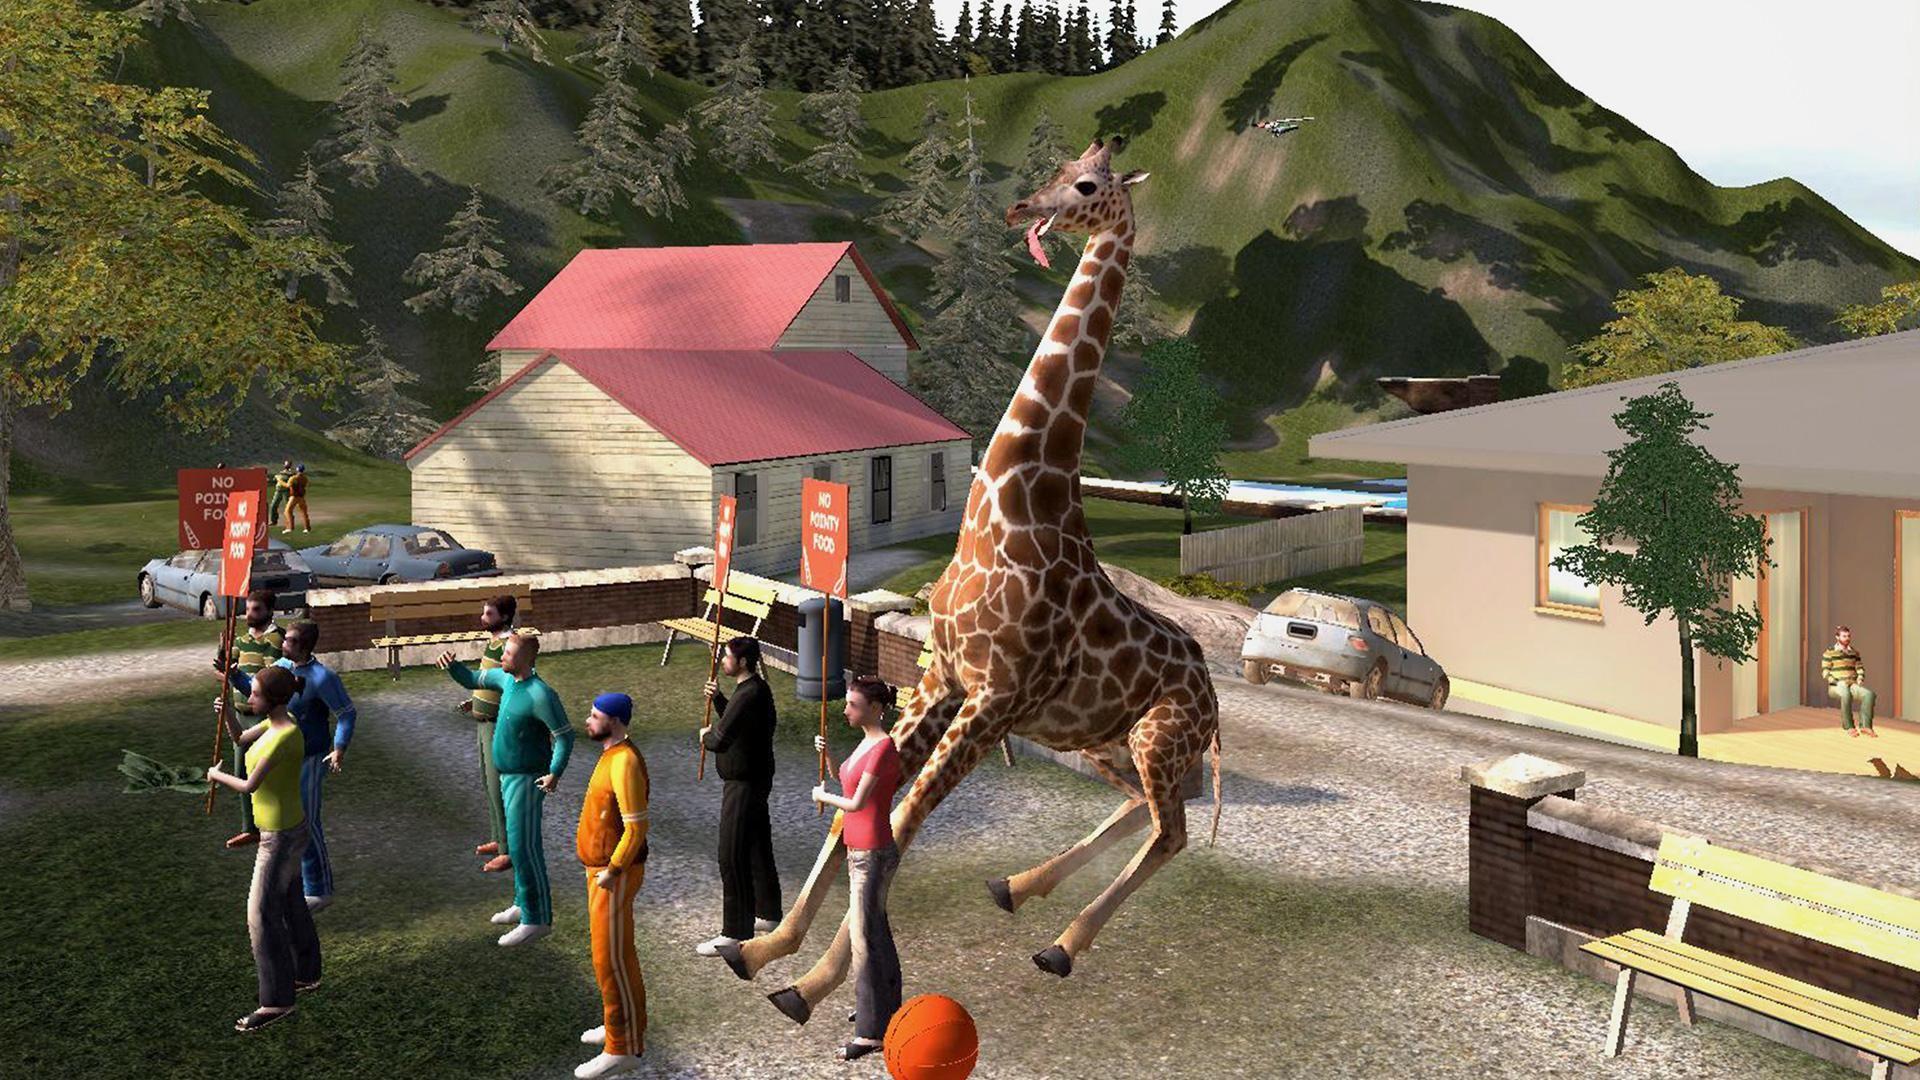 模拟山羊 免费版 游戏截图3